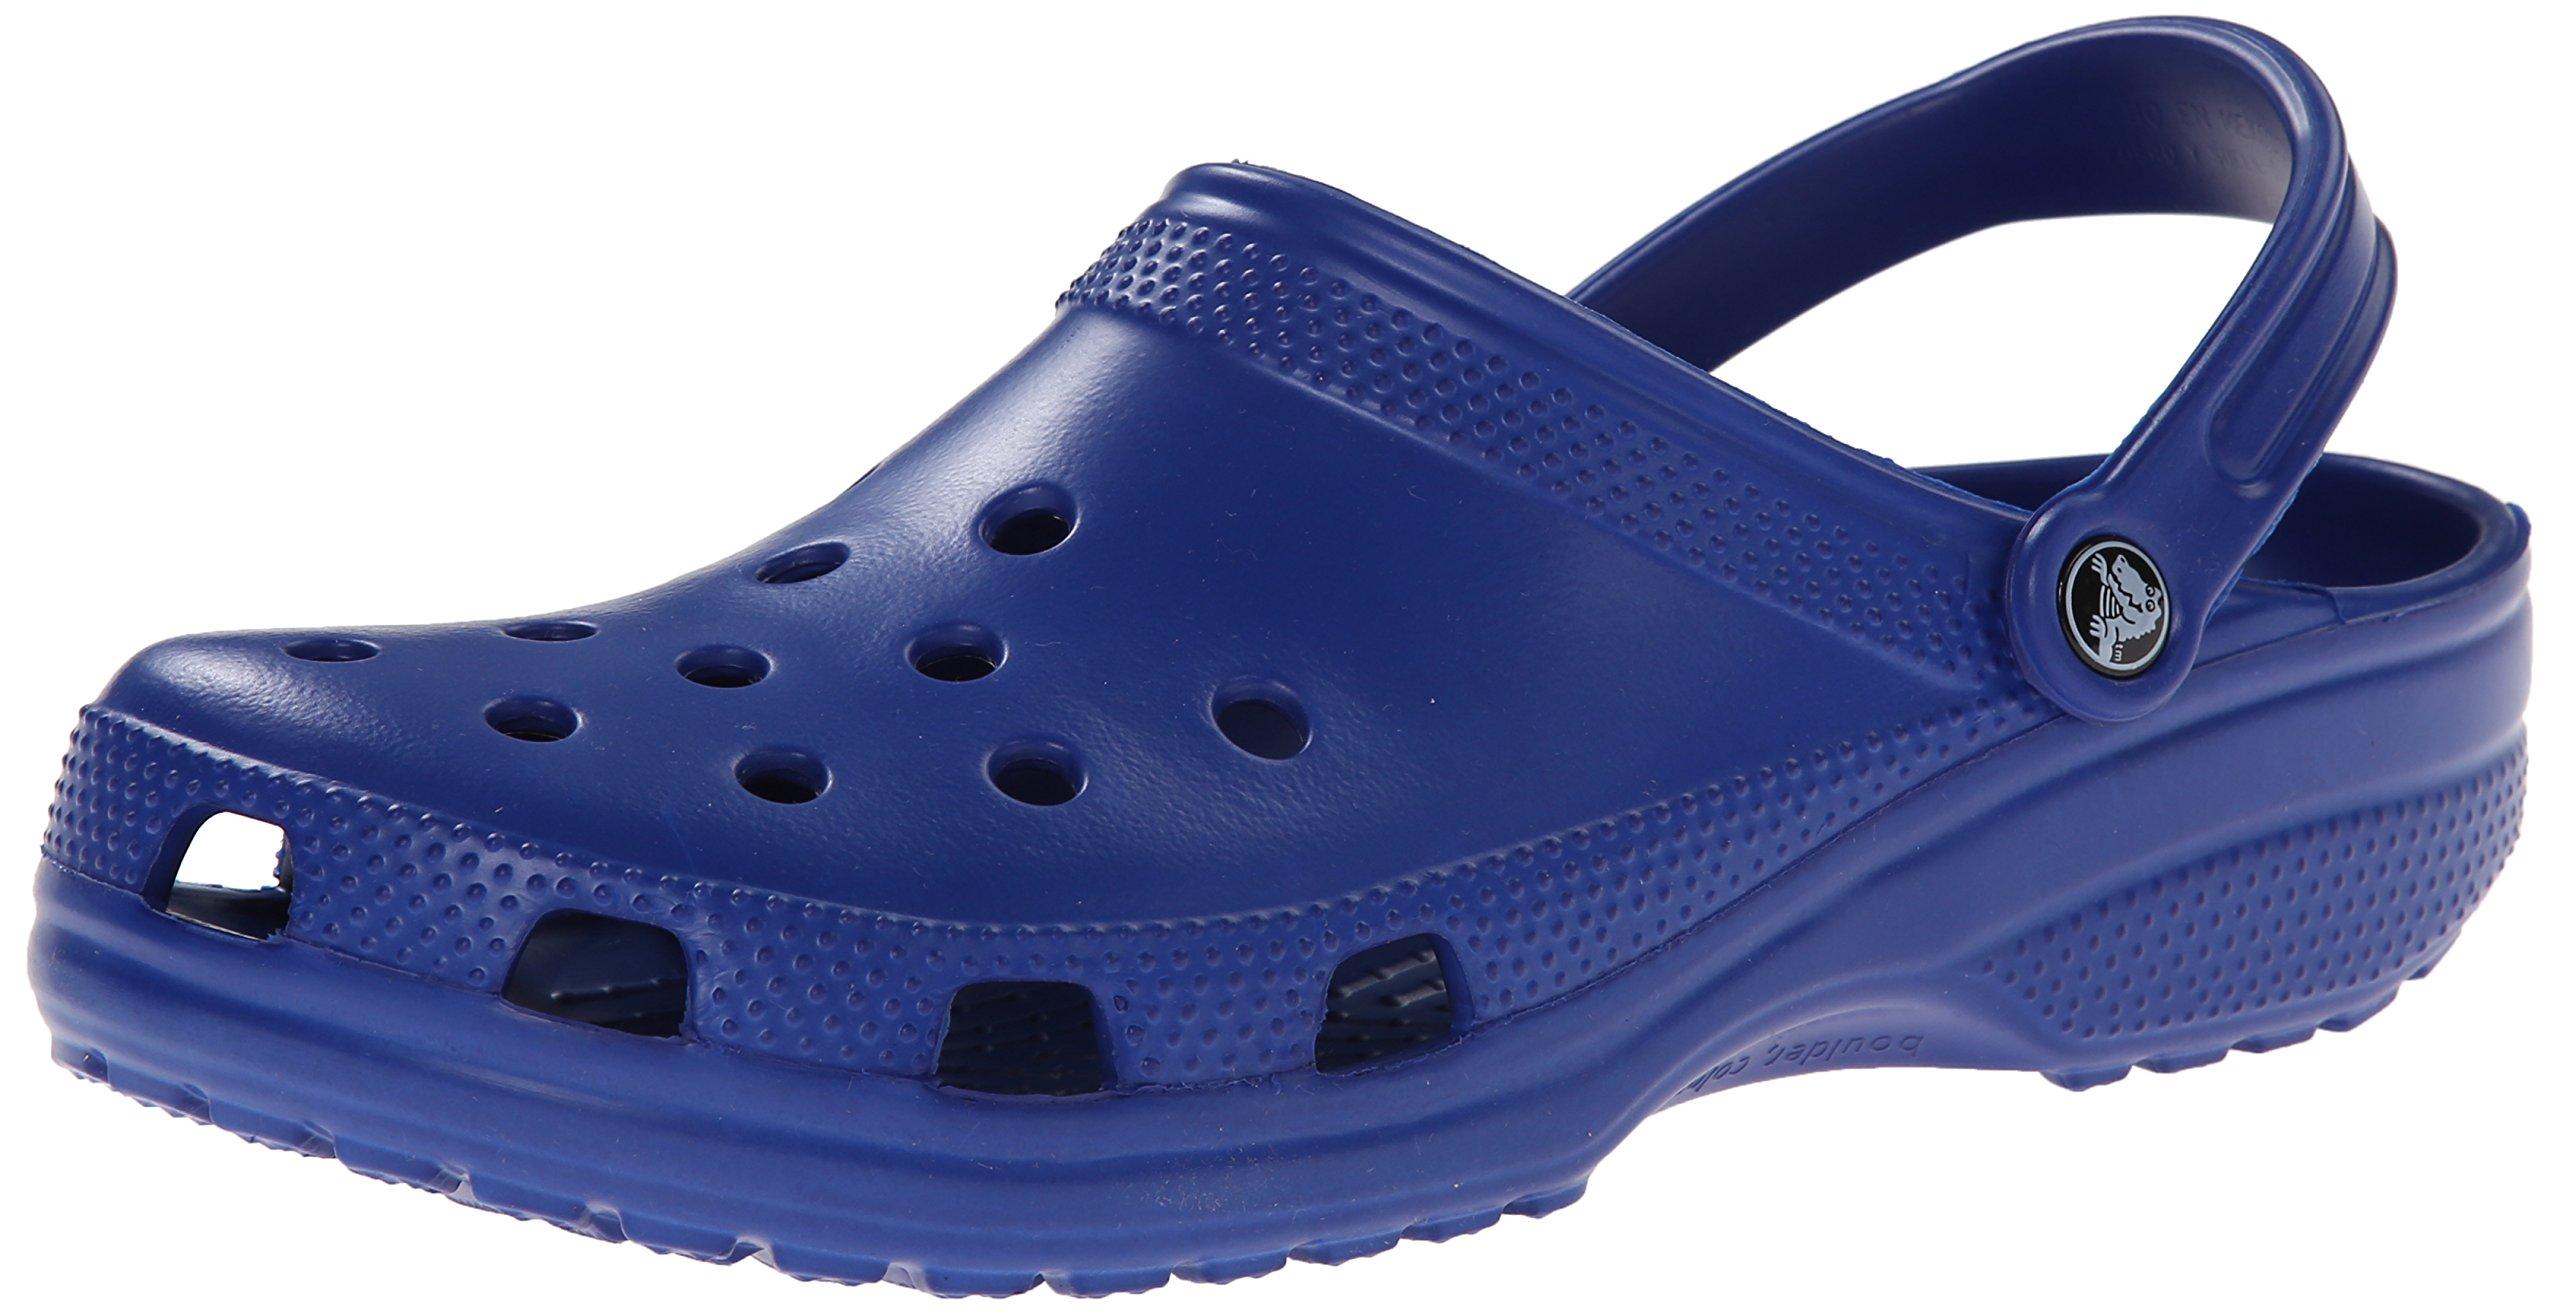 crocs Unisex Classic Clog, Cerulean Blue, 6 US Men / 8 US Women